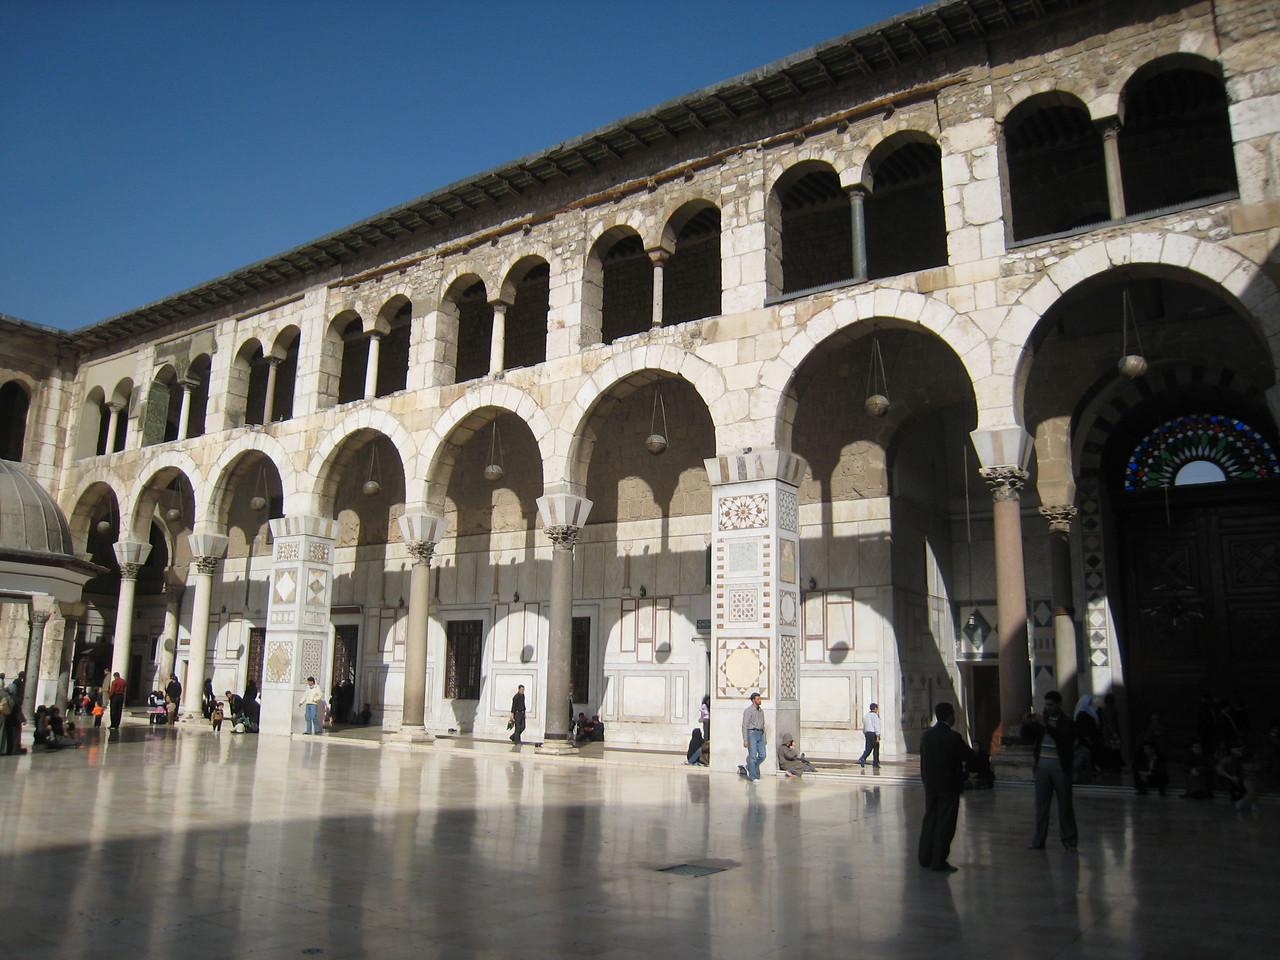 Courtyard of Umayyed Mosque